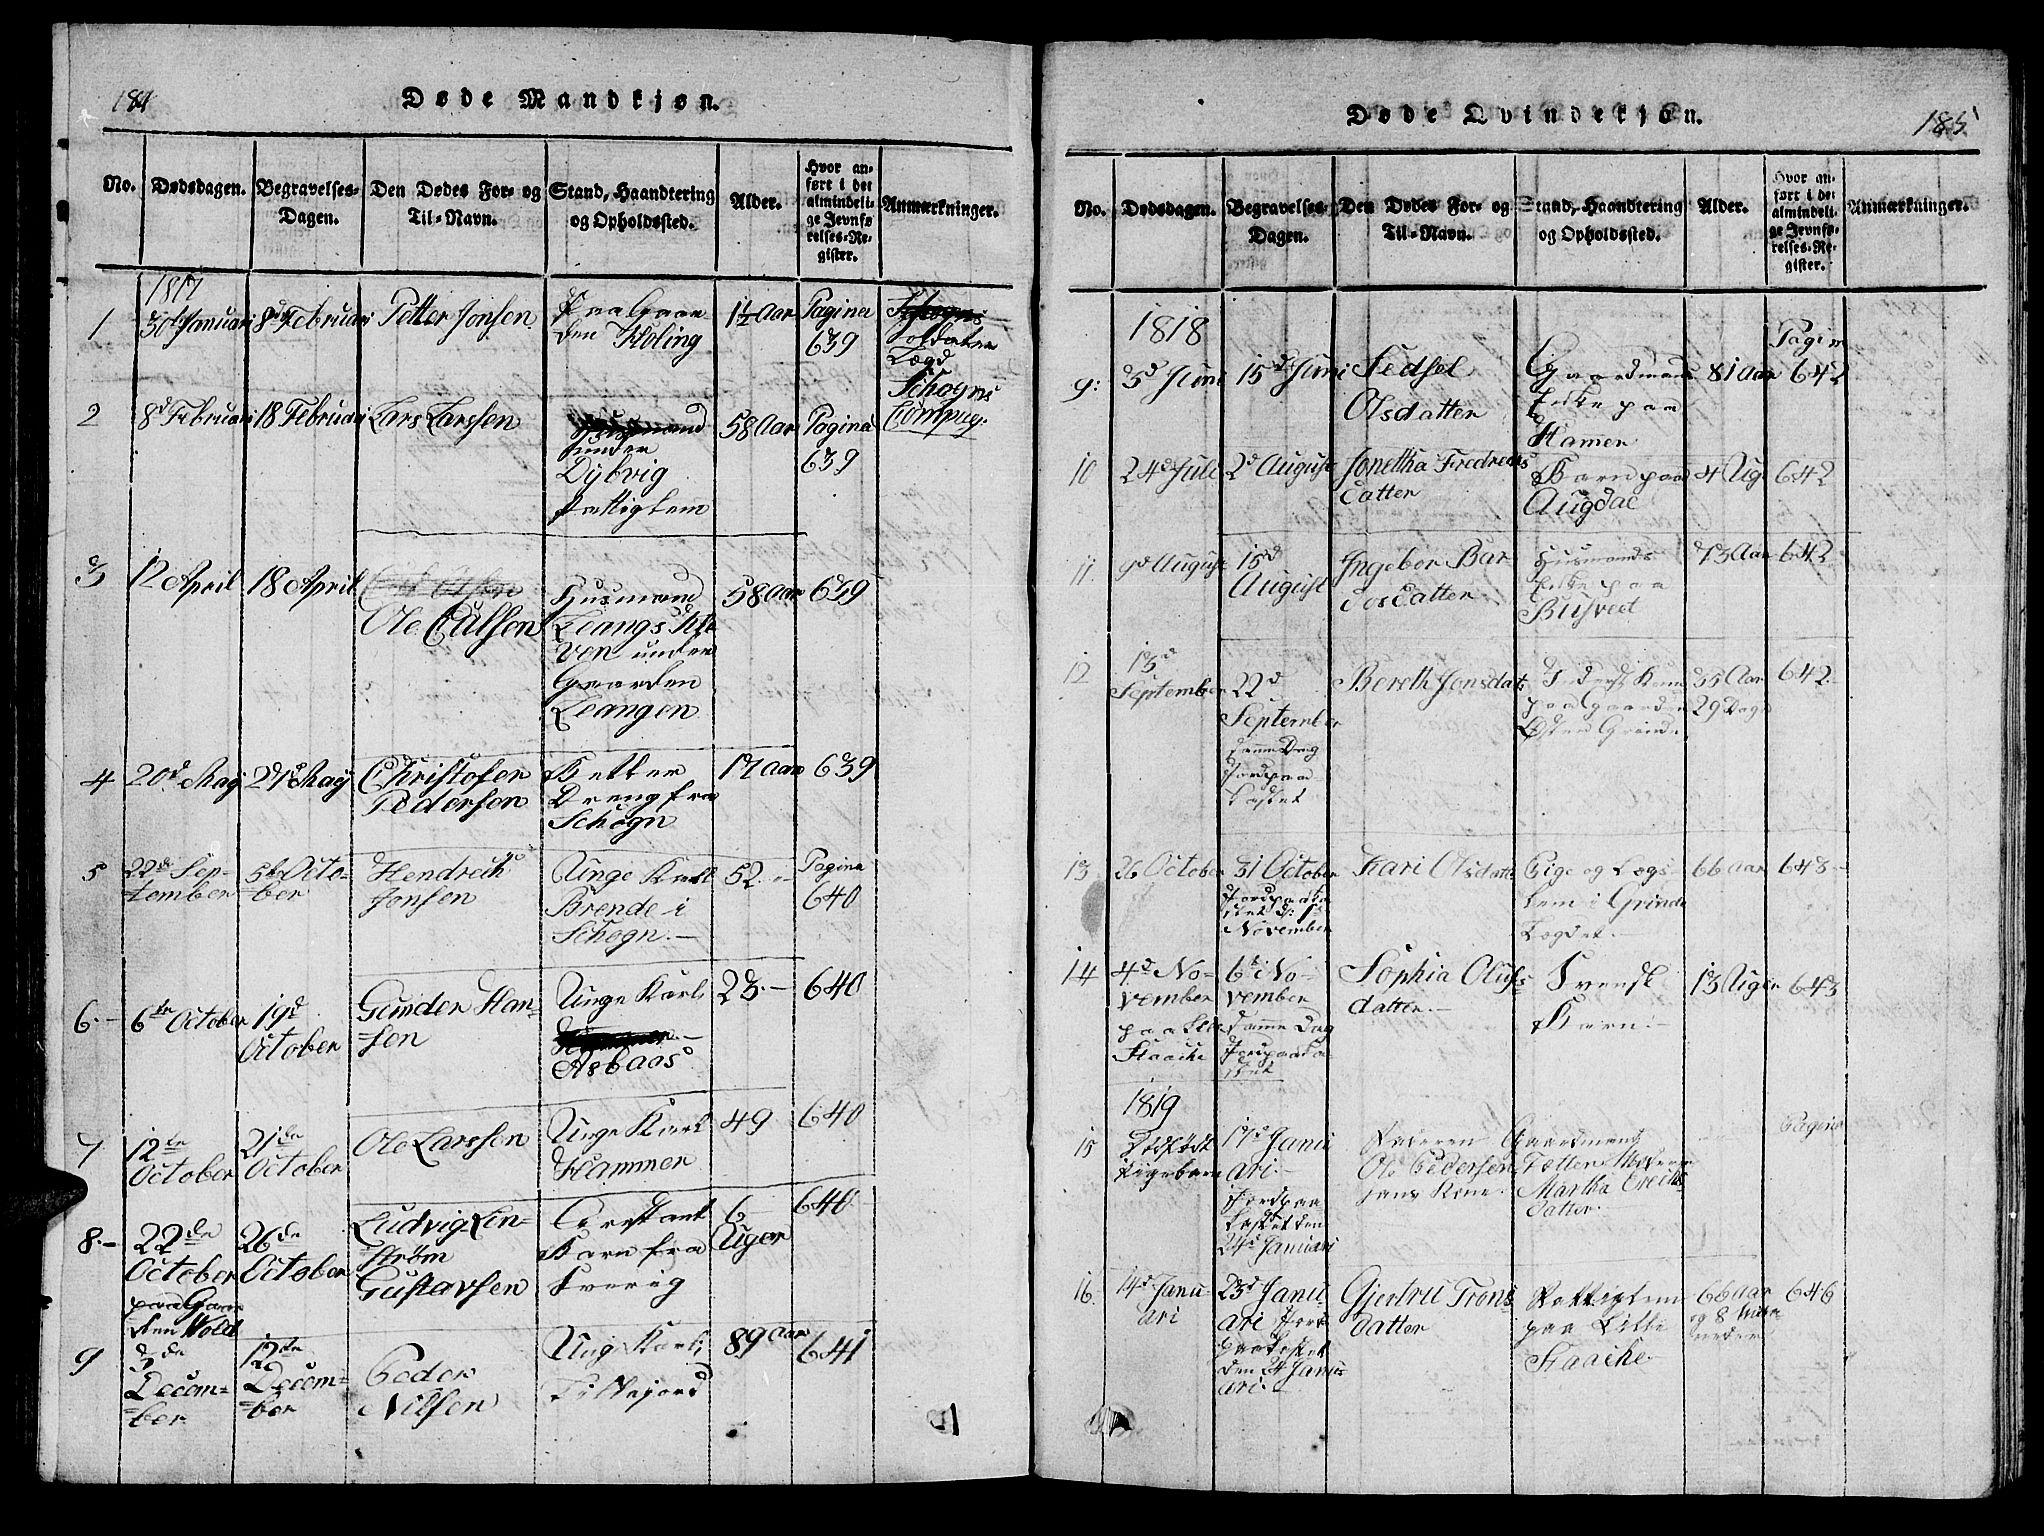 SAT, Ministerialprotokoller, klokkerbøker og fødselsregistre - Nord-Trøndelag, 714/L0132: Klokkerbok nr. 714C01, 1817-1824, s. 184-185